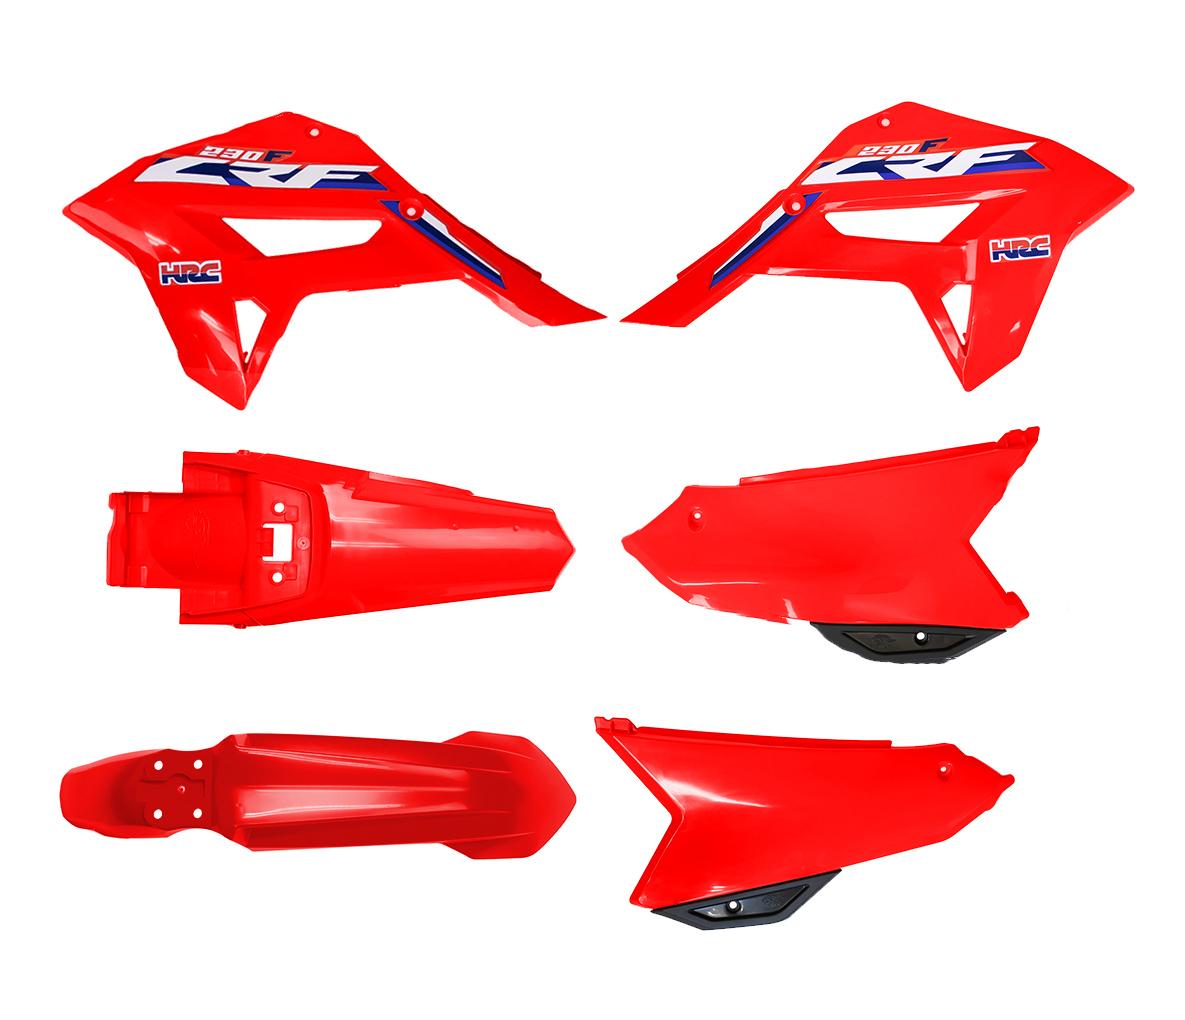 Kit Plástico Amx Crf 230f F21